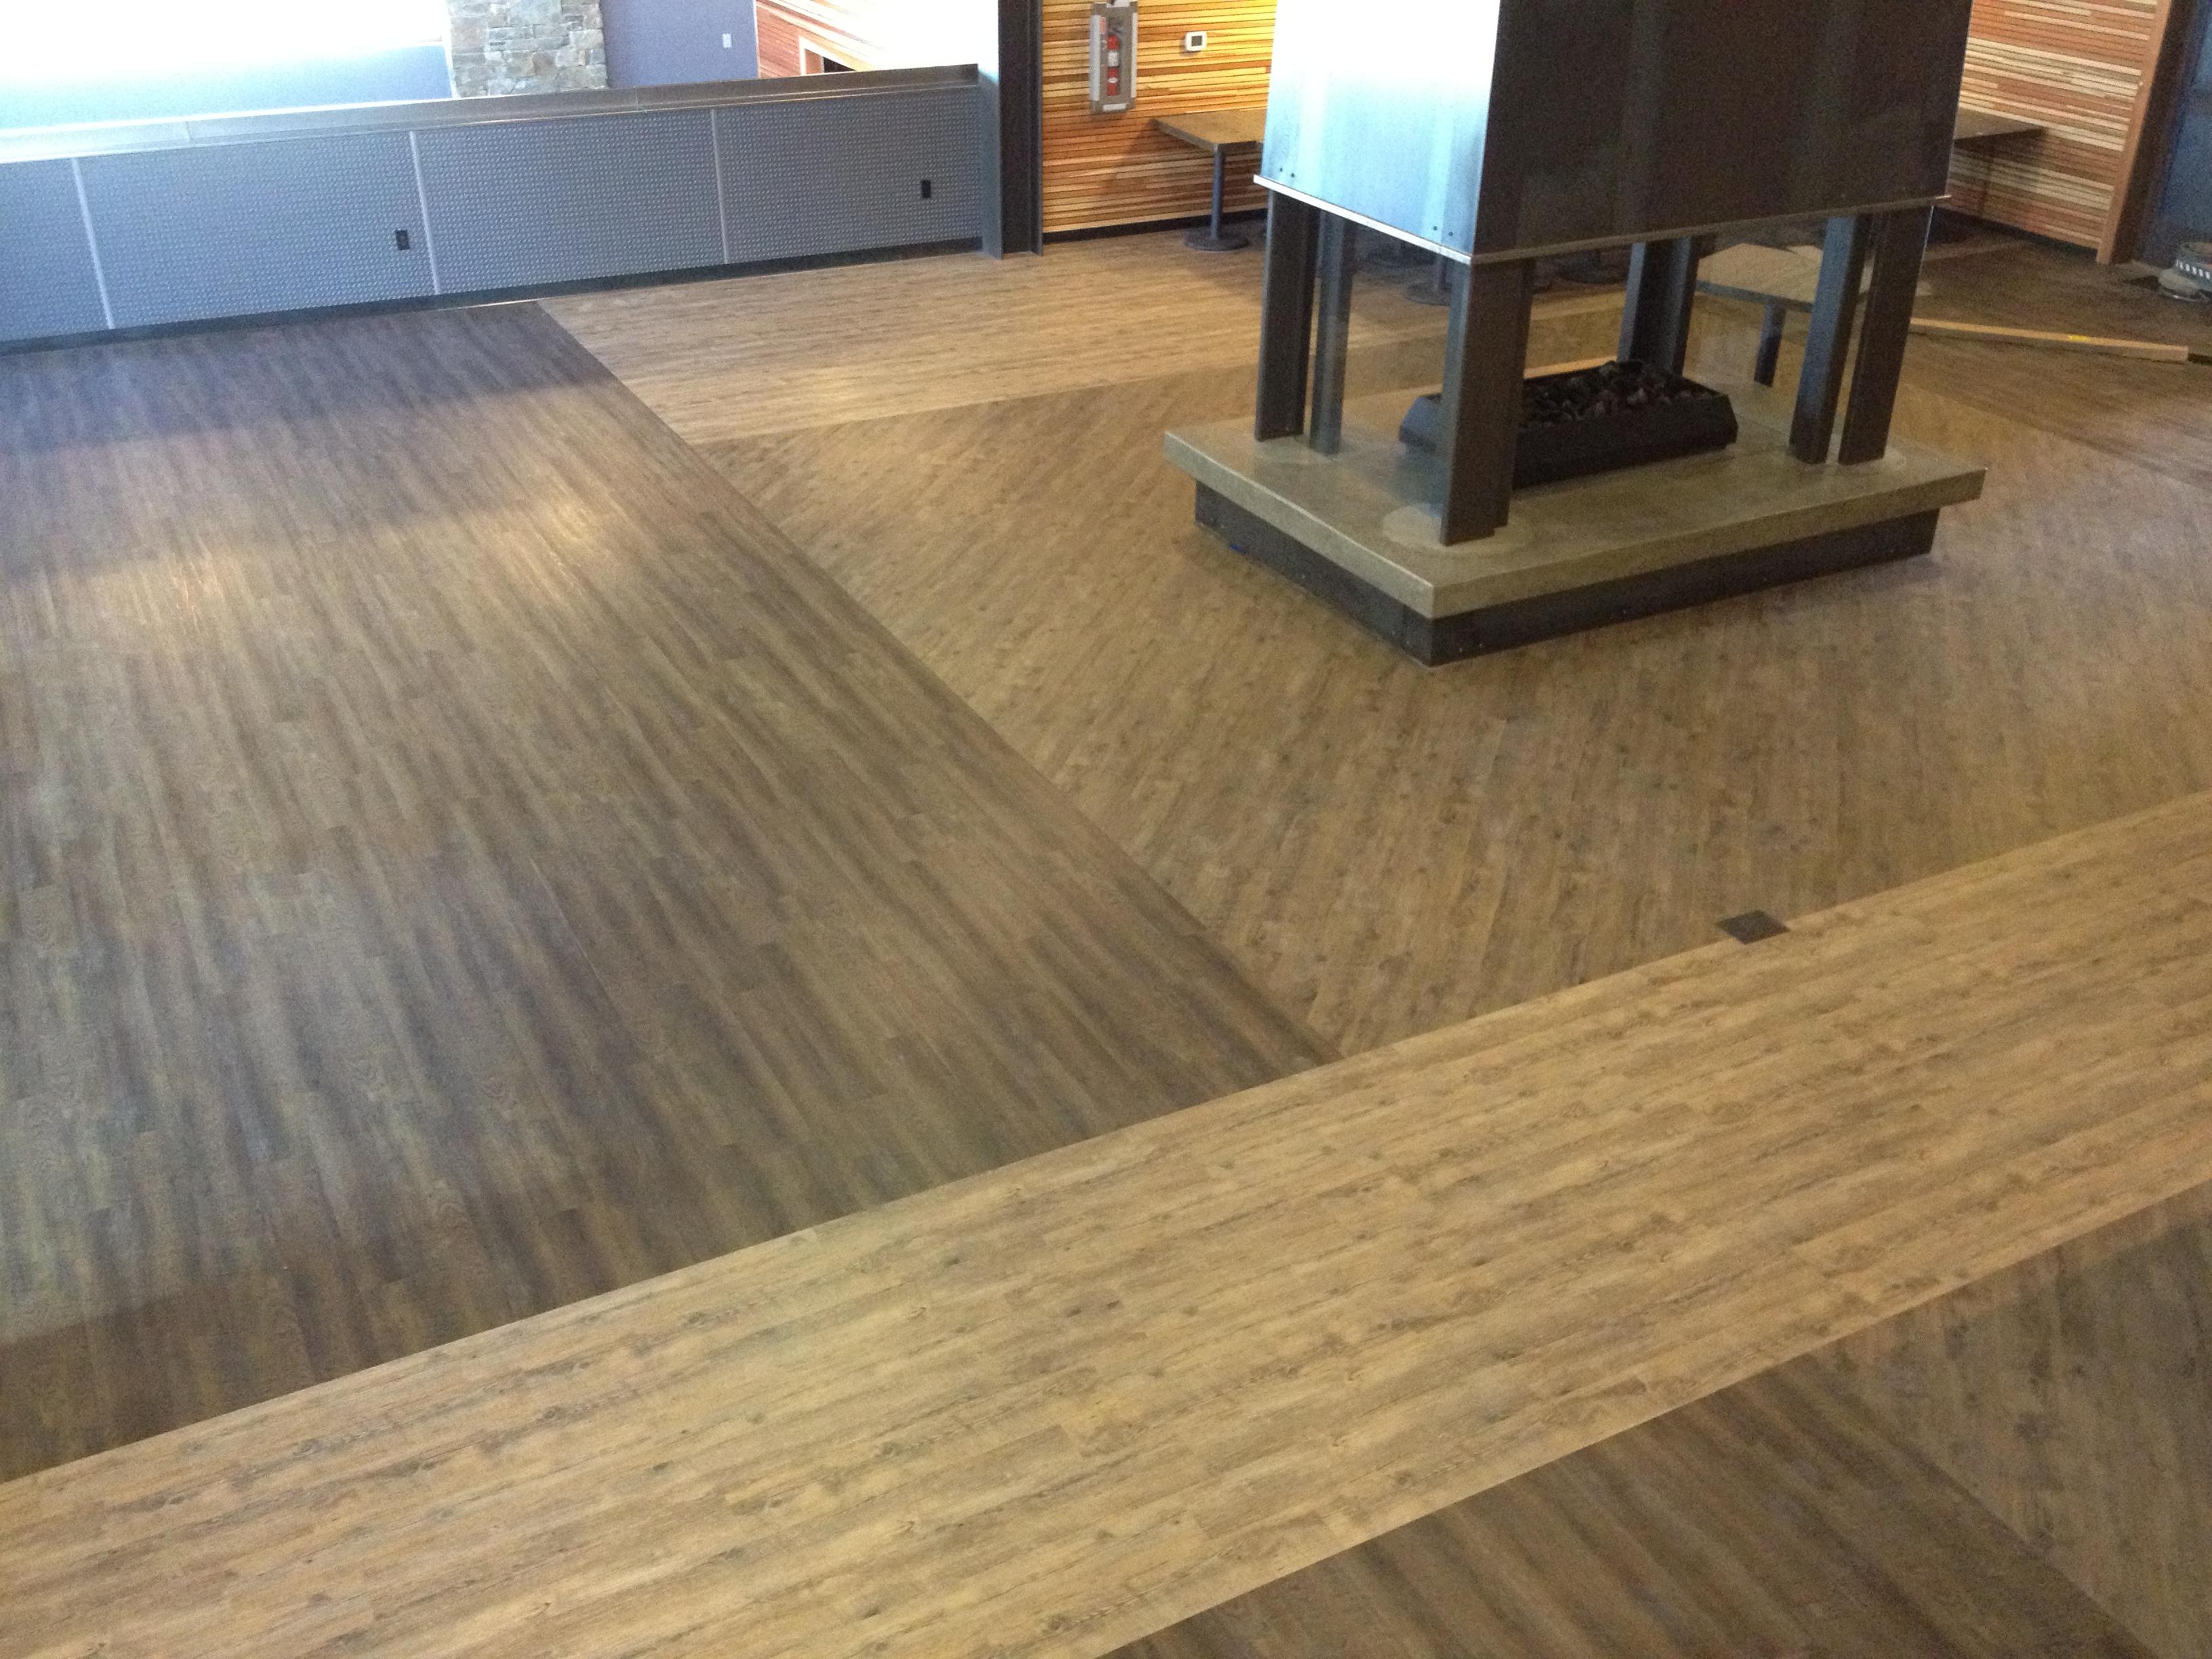 Vinyl flooring installation flooring installation and for Vinyl flooring installation